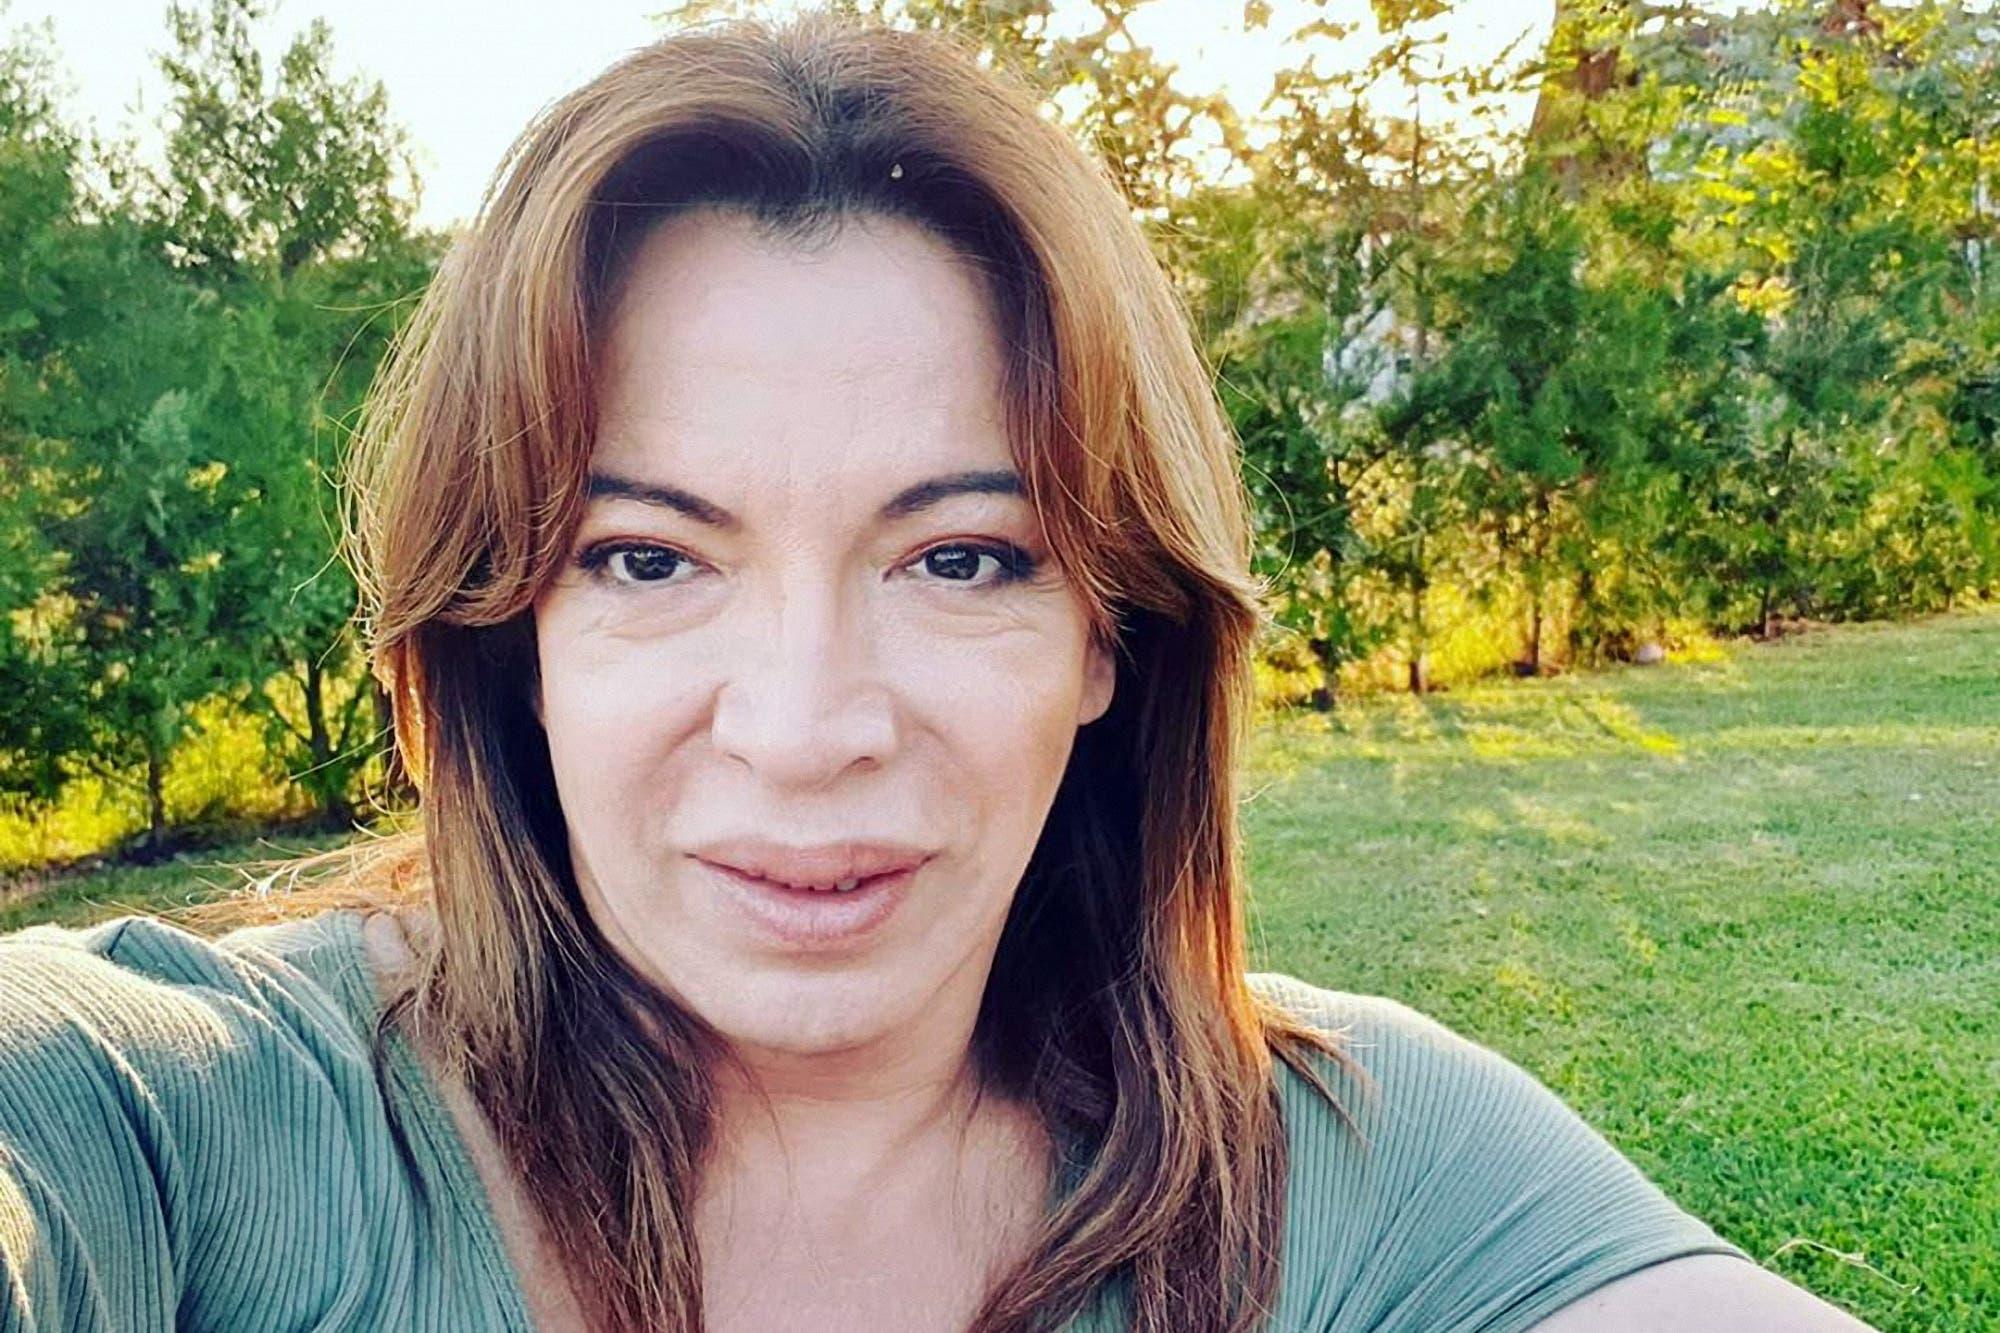 """Lizy Tagliani y la posibilidad de tramitar un nuevo DNI: """"No es solo por una cuestión de género"""""""